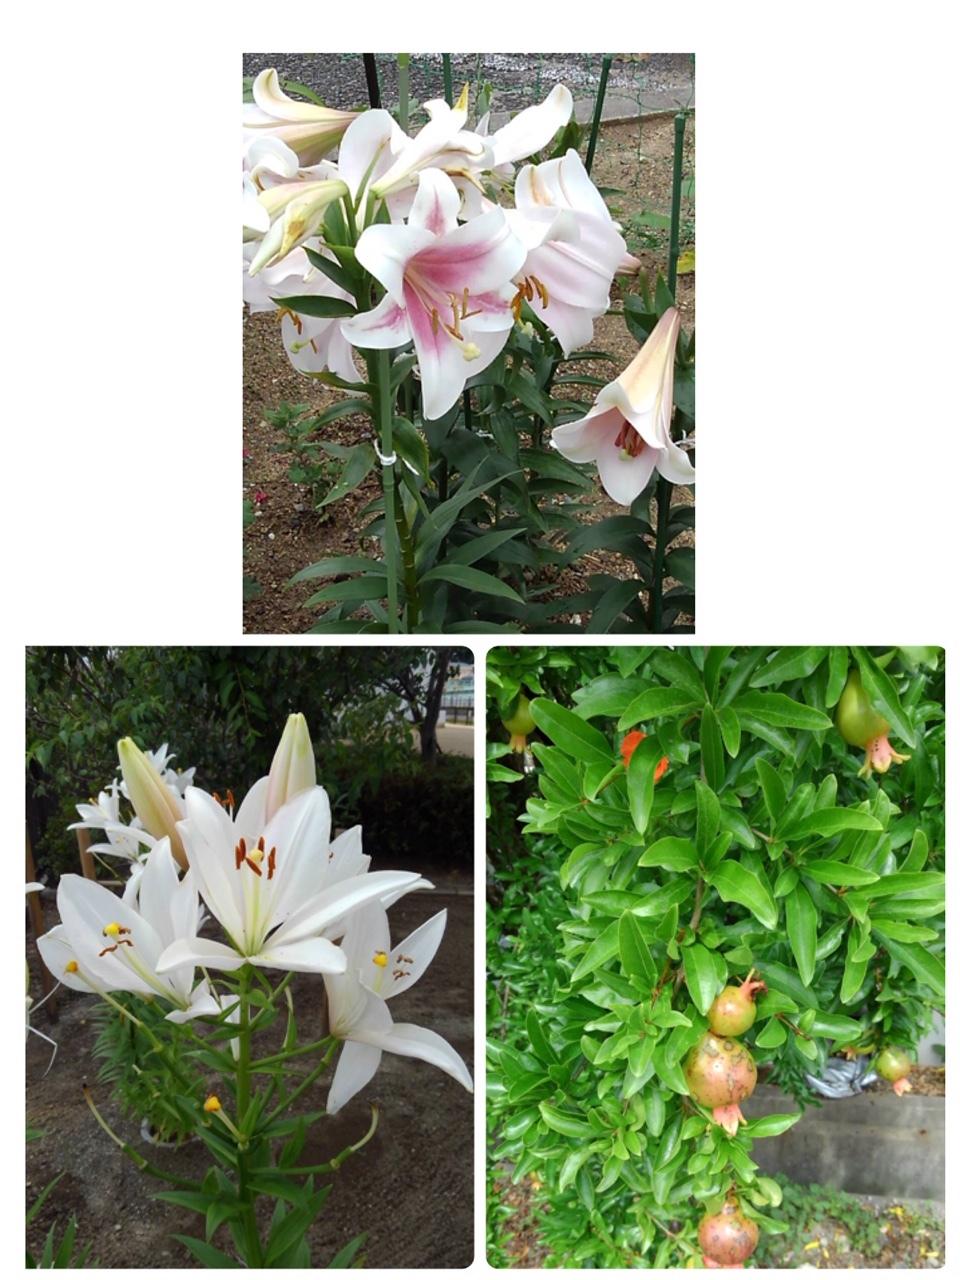 梅雨空を吹き飛ばす⁉ゴージャスな花々!_e0281793_16292366.jpeg